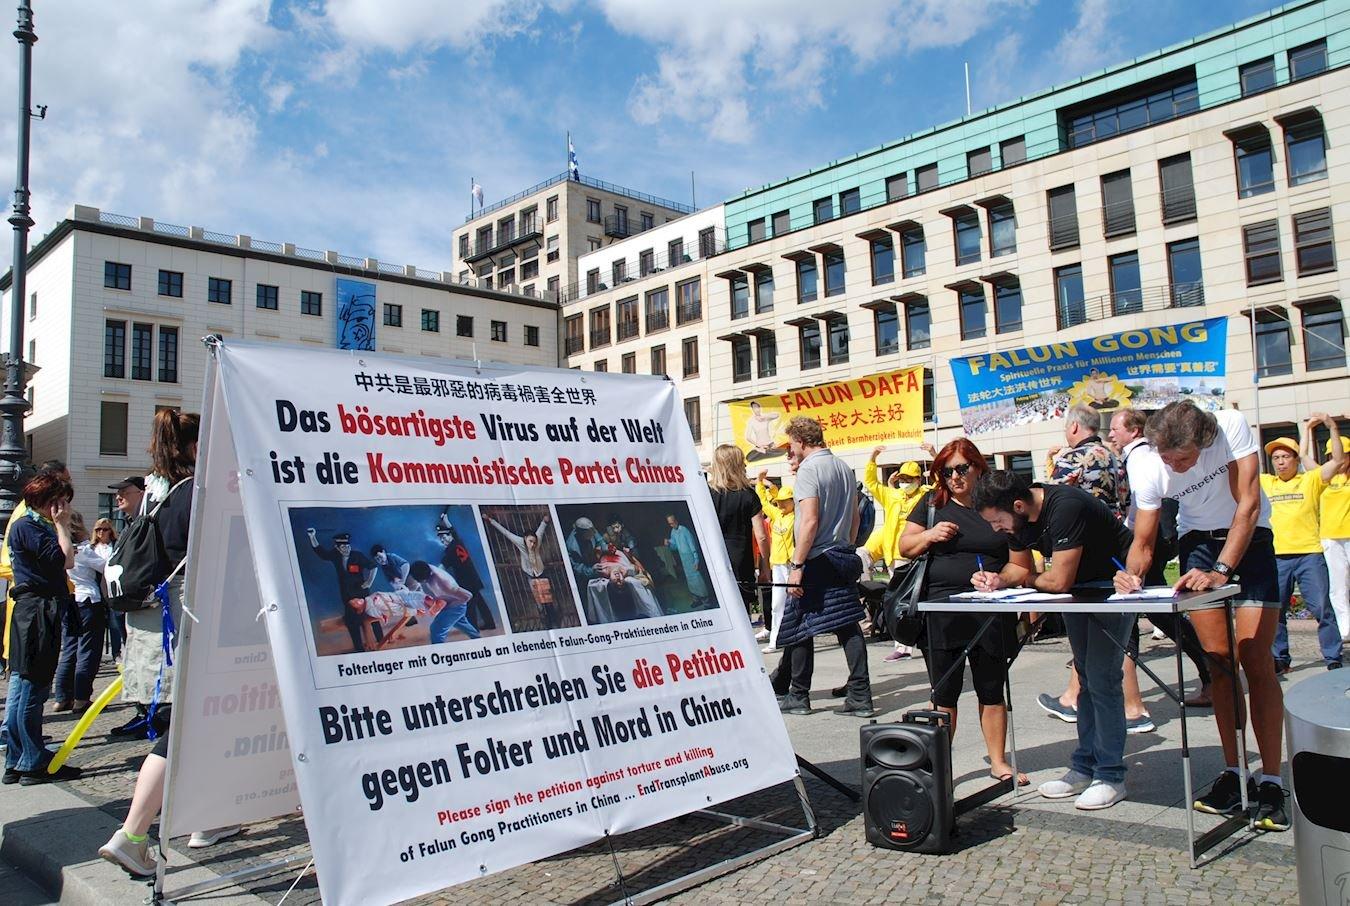 2020年8月29日、30日,法輪功學員在柏林勃蘭登堡門前的廣場上舉辦信息日活動,傳播法輪功的真相。(明慧網)